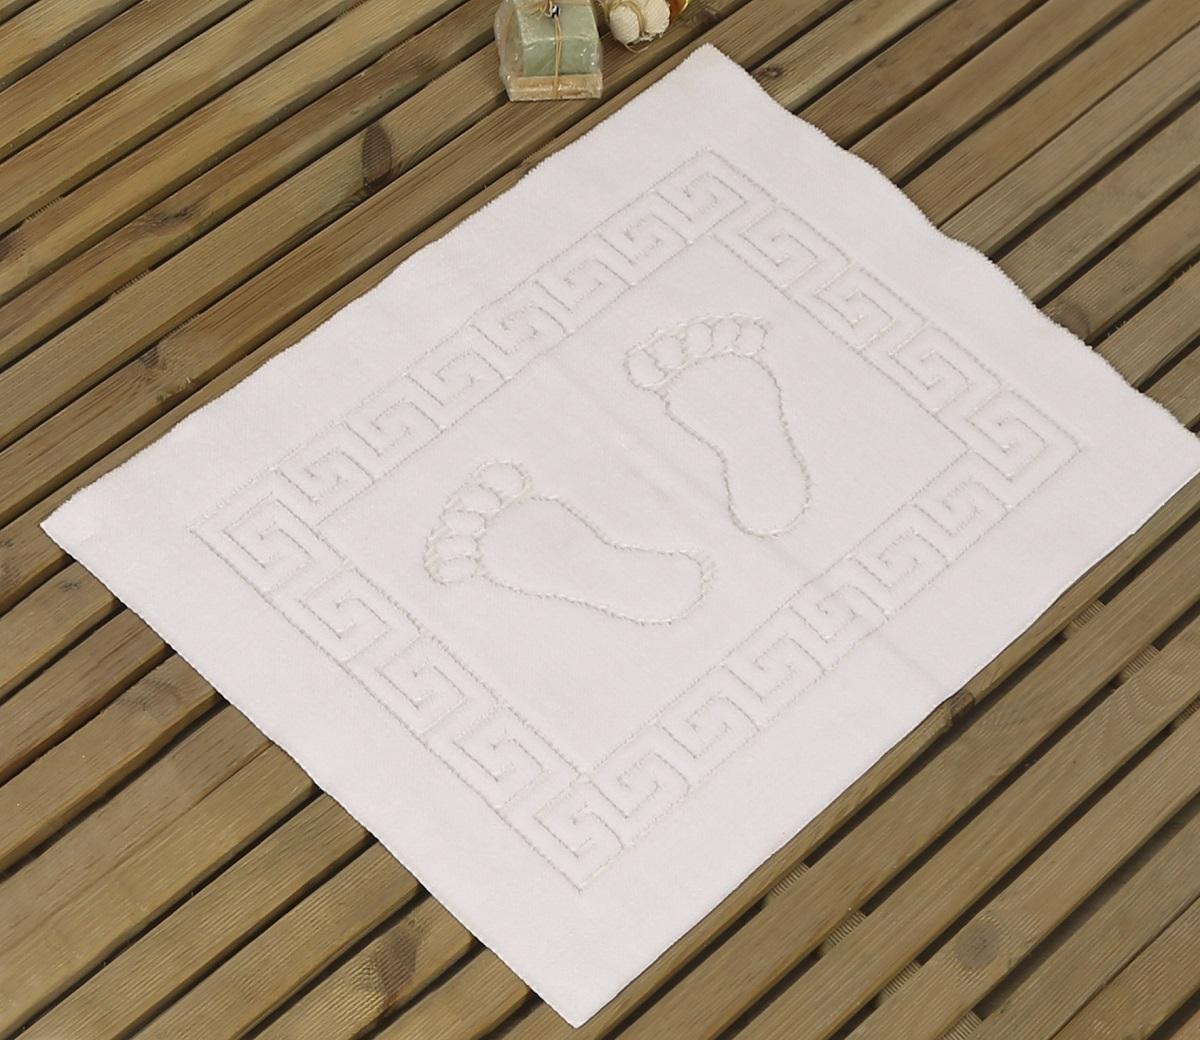 Коврик для ванной Karna Likya , цвет: белый, 50 х 70 см631/CHAR017Коврик Karna изготовлен из 100% полиэстера. Полиэстер является синтетическим волокном. Ткань, полностью изготовленная из полиэстера, даже после увлажнения, очень быстро сохнет. Изделия из полиэстера практически не требовательны к уходу и обладают высокой устойчивостью к износу. Материал очень прочный, за время использования не растягивается и не садится,также обладает высокой влагонепроницаемостью.Размер коврика: 50 х 70 см.